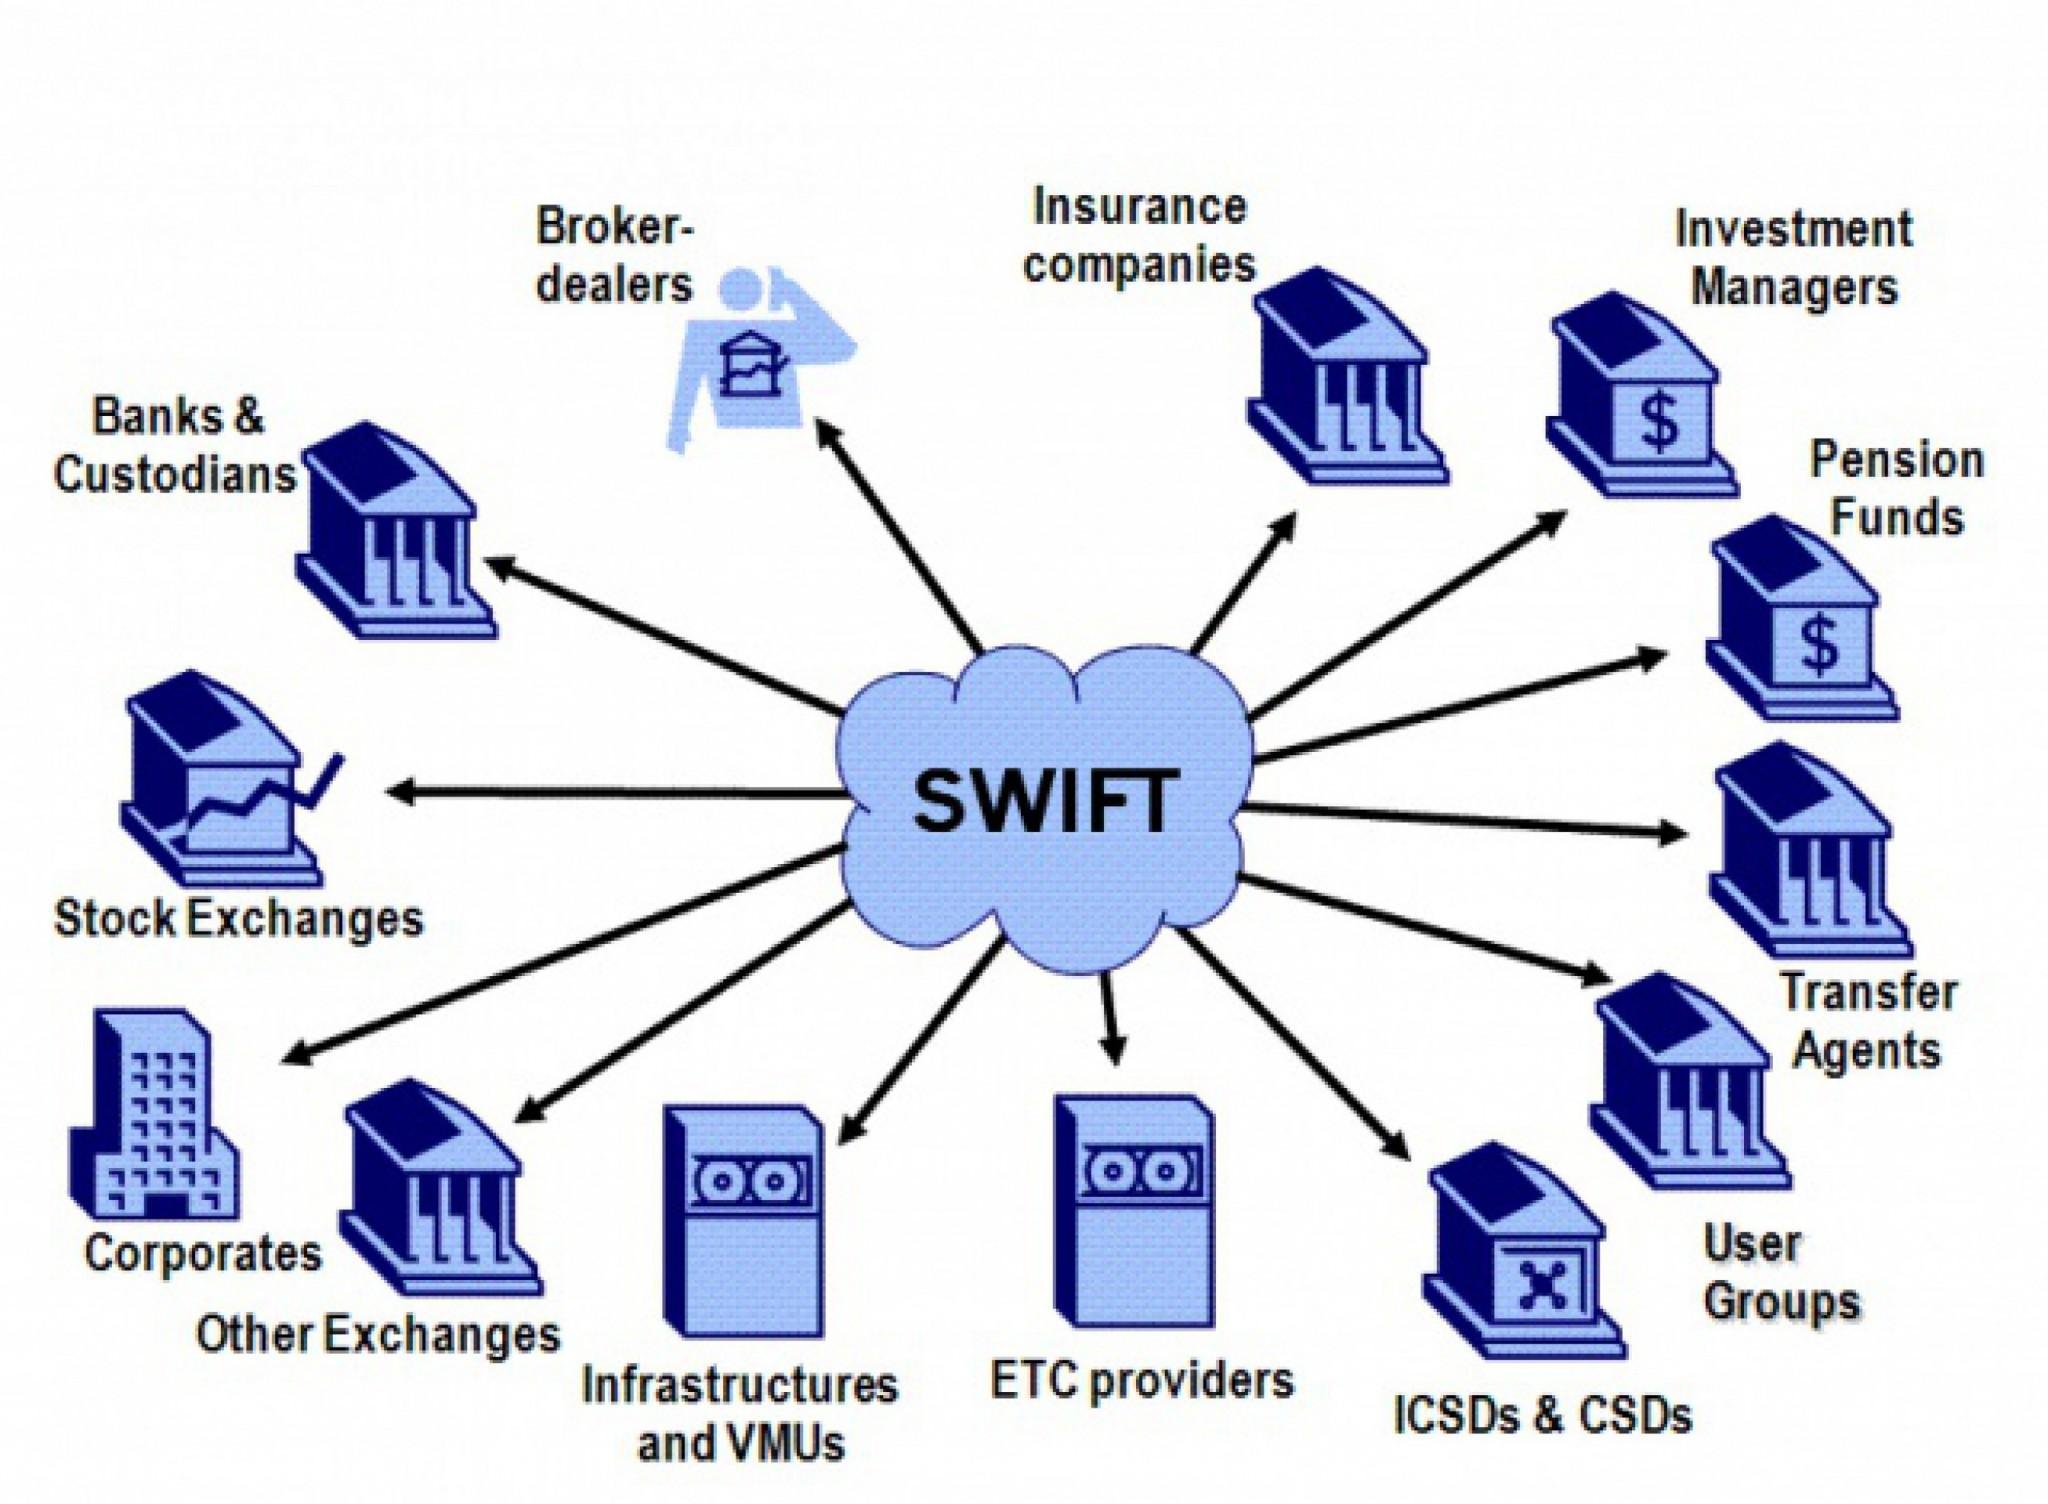 SWIFT – что это? Разбираемся в тонкостях международных банковских платежей